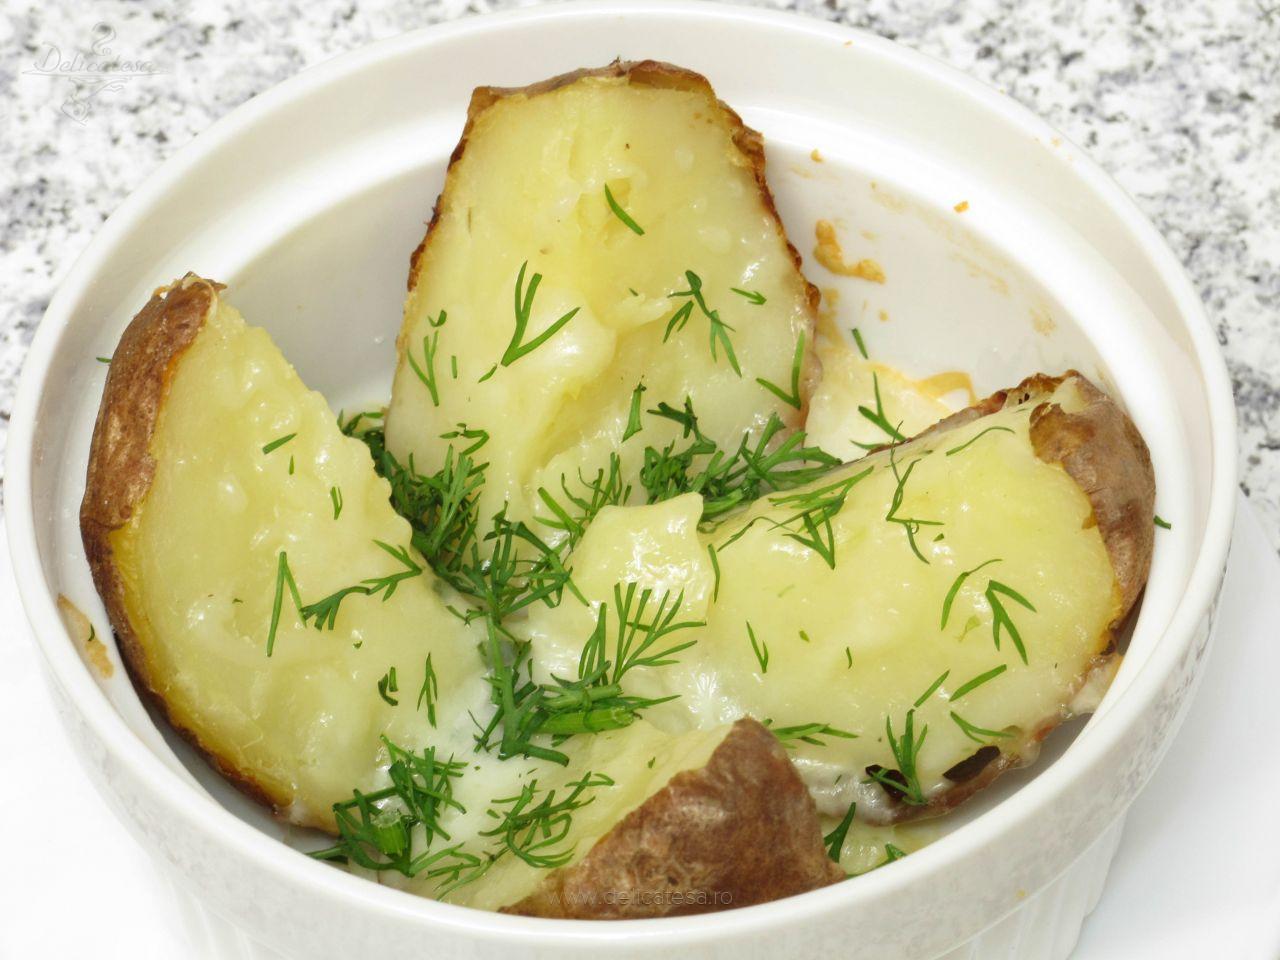 Cartofi copți în coajă cu unt